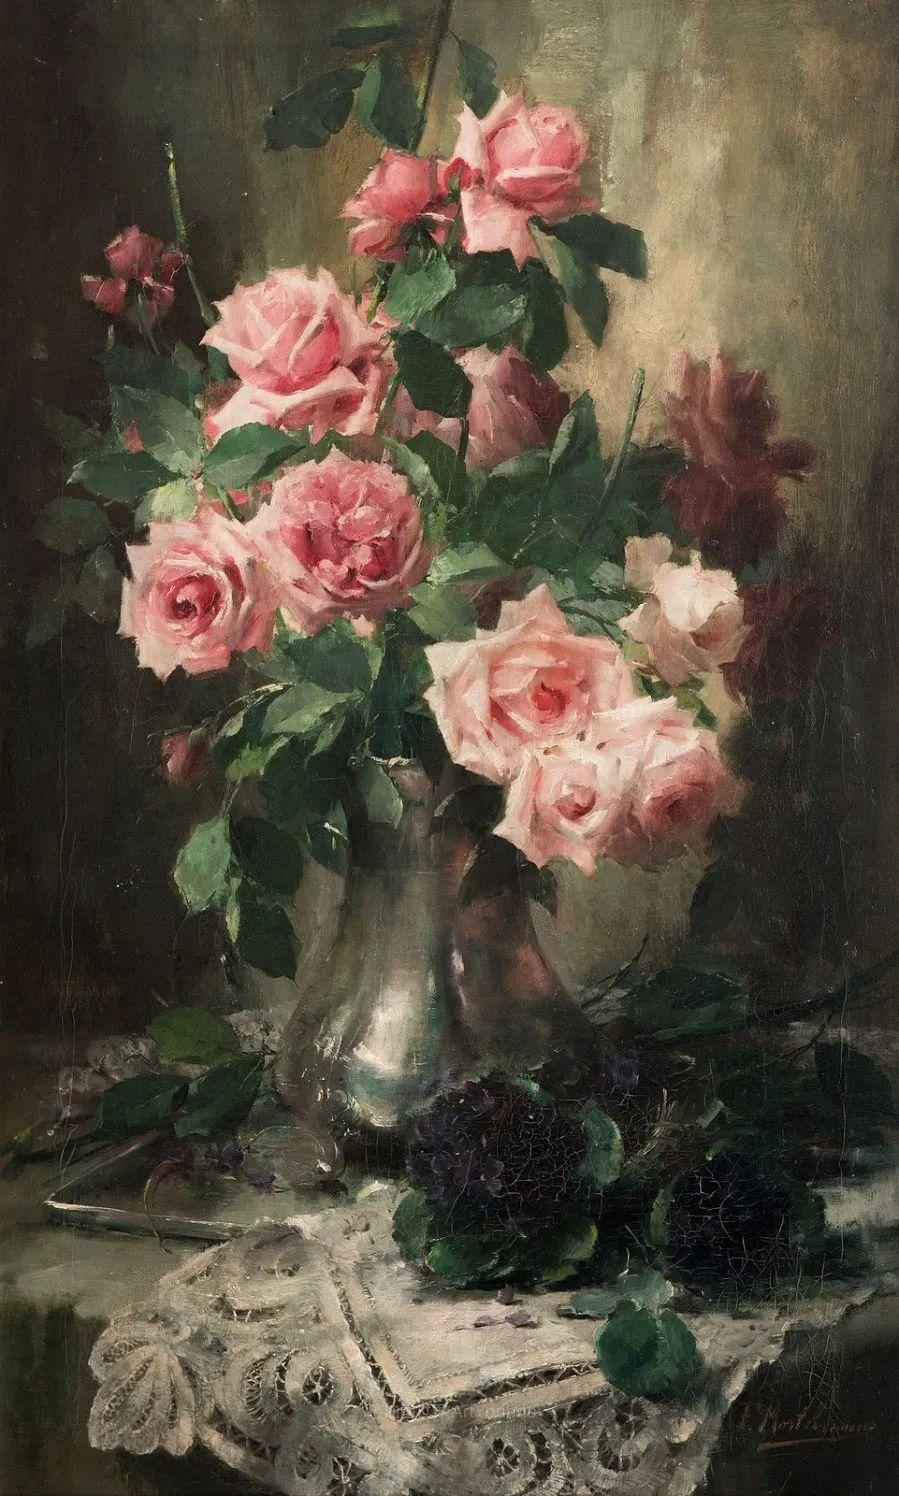 他笔下的粉色月季玫瑰,尤其受人关注!插图135